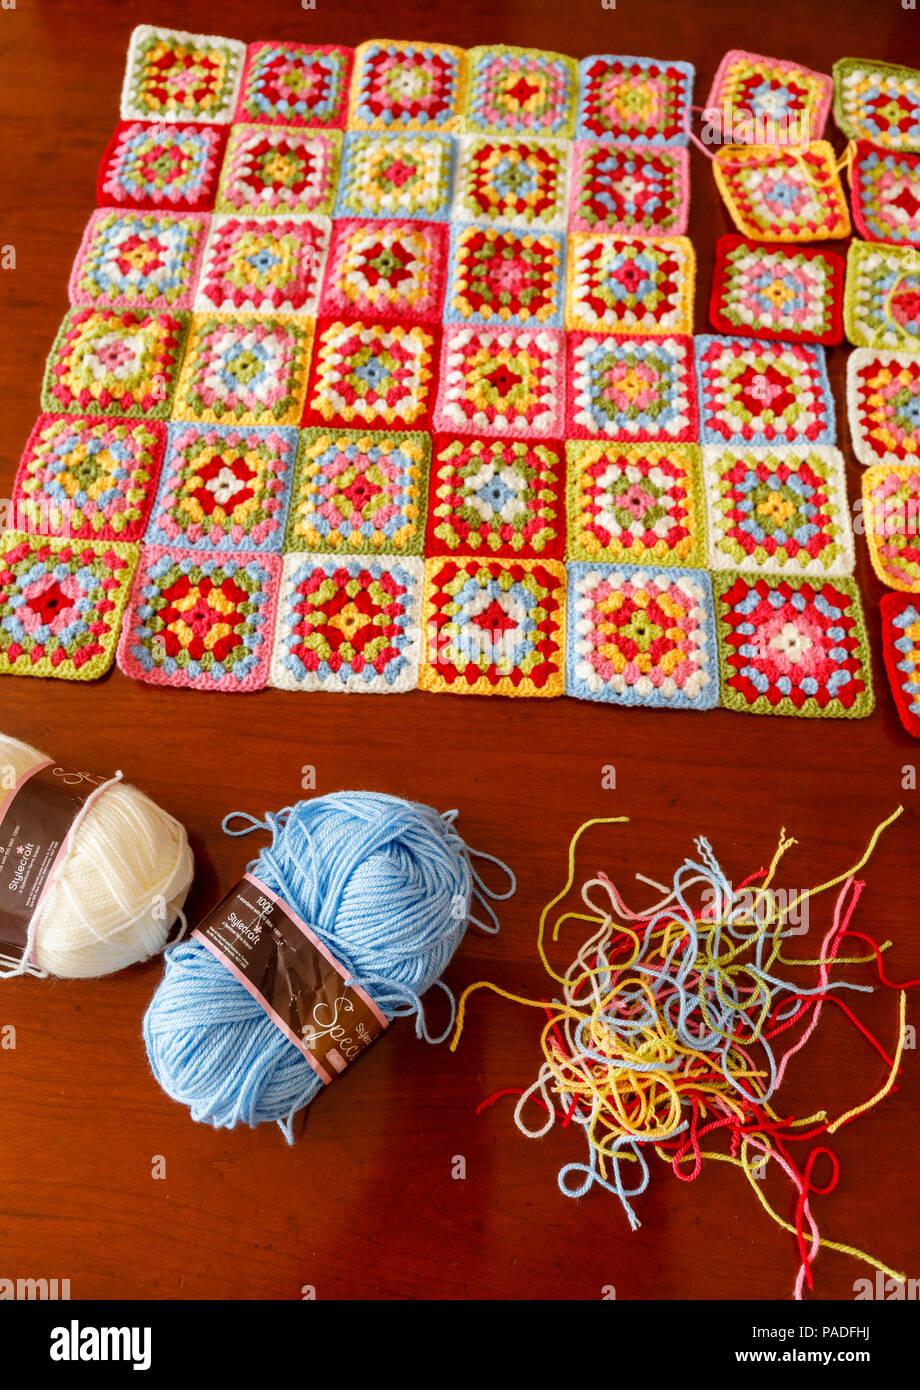 Bolas De Colores Brillantes Imágenes De Stock   Bolas De Colores ... 5faeb6cbf5bc6